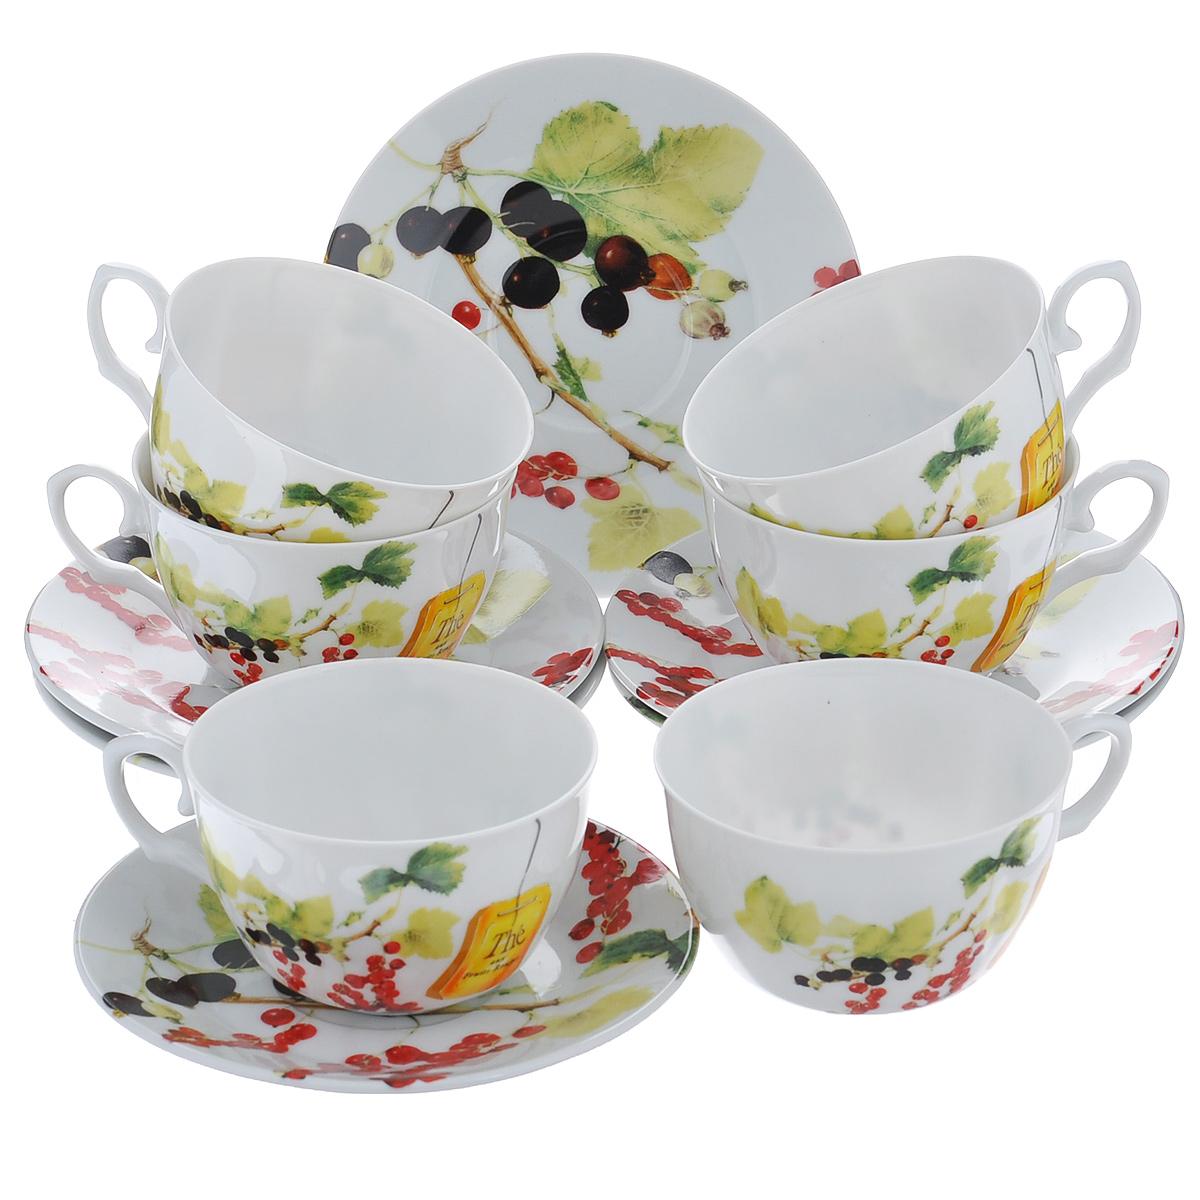 Набор чайный Larange Смородина, 12 предметовVT-1520(SR)Чайный набор Смородина, выполненный из высококачественного фарфора, состоит из шести чашек и шести блюдец. Изделия декорированы изображением ягод красной и черной смородины. Элегантный дизайн и совершенные формы предметов набора привлекут к себе внимание и украсят интерьер вашей кухни. Чайный набор Смородина идеально подойдет для сервировки стола и станет отличным подарком к любому празднику.Чайный набор упакован в круглую подарочную коробку из плотного картона лимонного цвета. Внутренняя часть коробки задрапирована белой атласной тканью, и каждый предмет надежно крепится в определенном положении благодаря особым выемкам в коробке. Не использовать в микроволновой печи. Не применять абразивные чистящие вещества. Объем чашки: 225 мл.Диаметр чашки по верхнему краю: 9,5 см.Высота чашки: 6 см.Диаметр блюдца: 14,5 см.